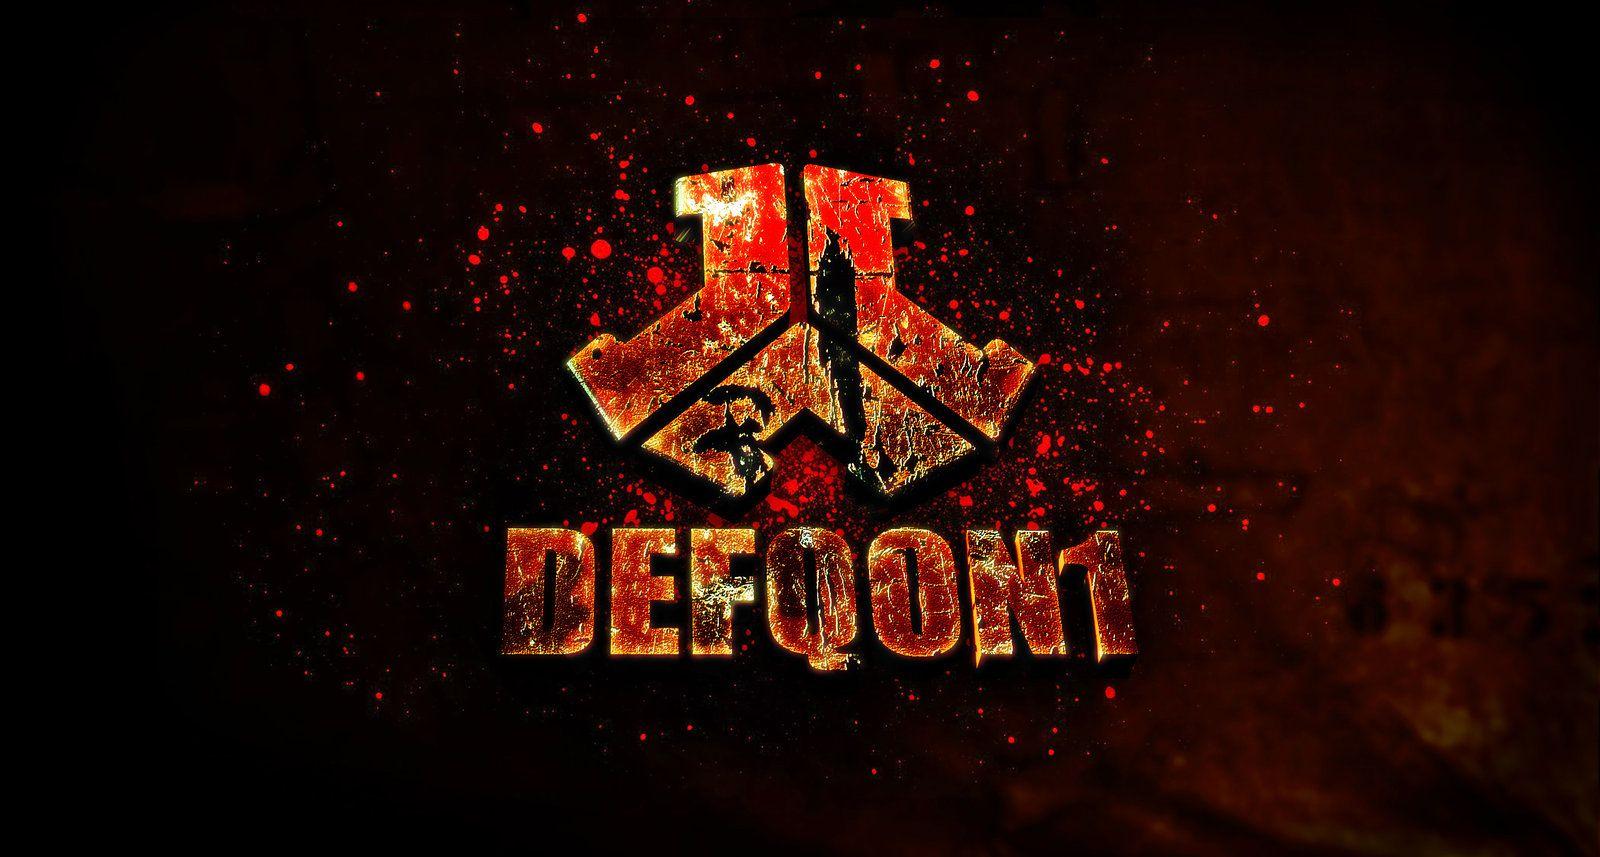 defqon1 | Explore defqon1 on DeviantArt | QDANCE in 2019